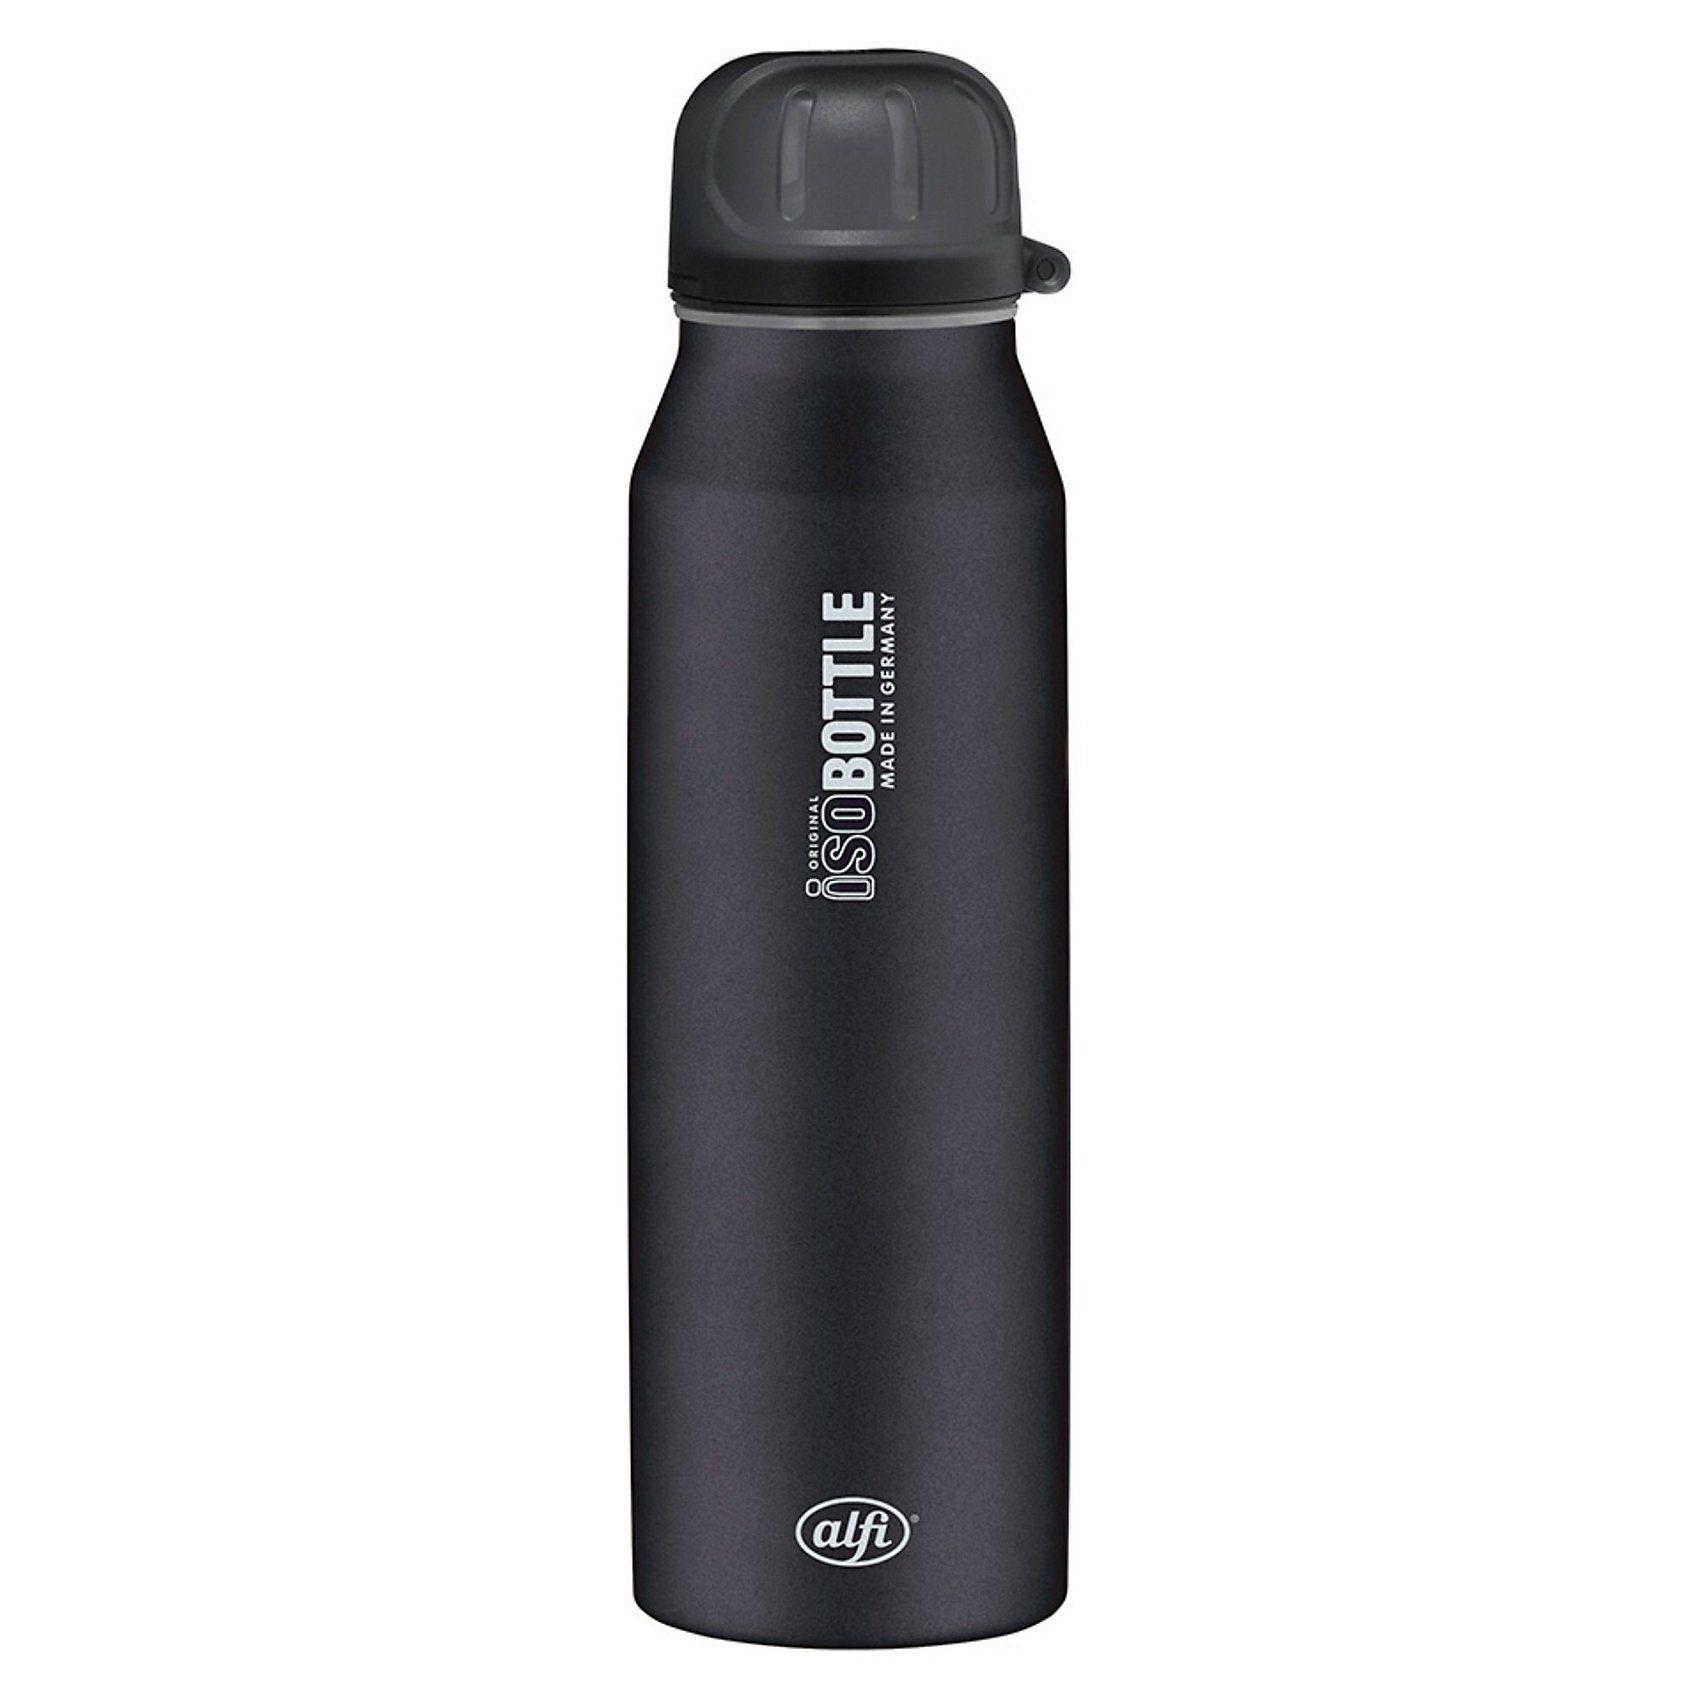 Alfi Isolier-Trinkflasche isoBottle Pure schwarz, 500 ml